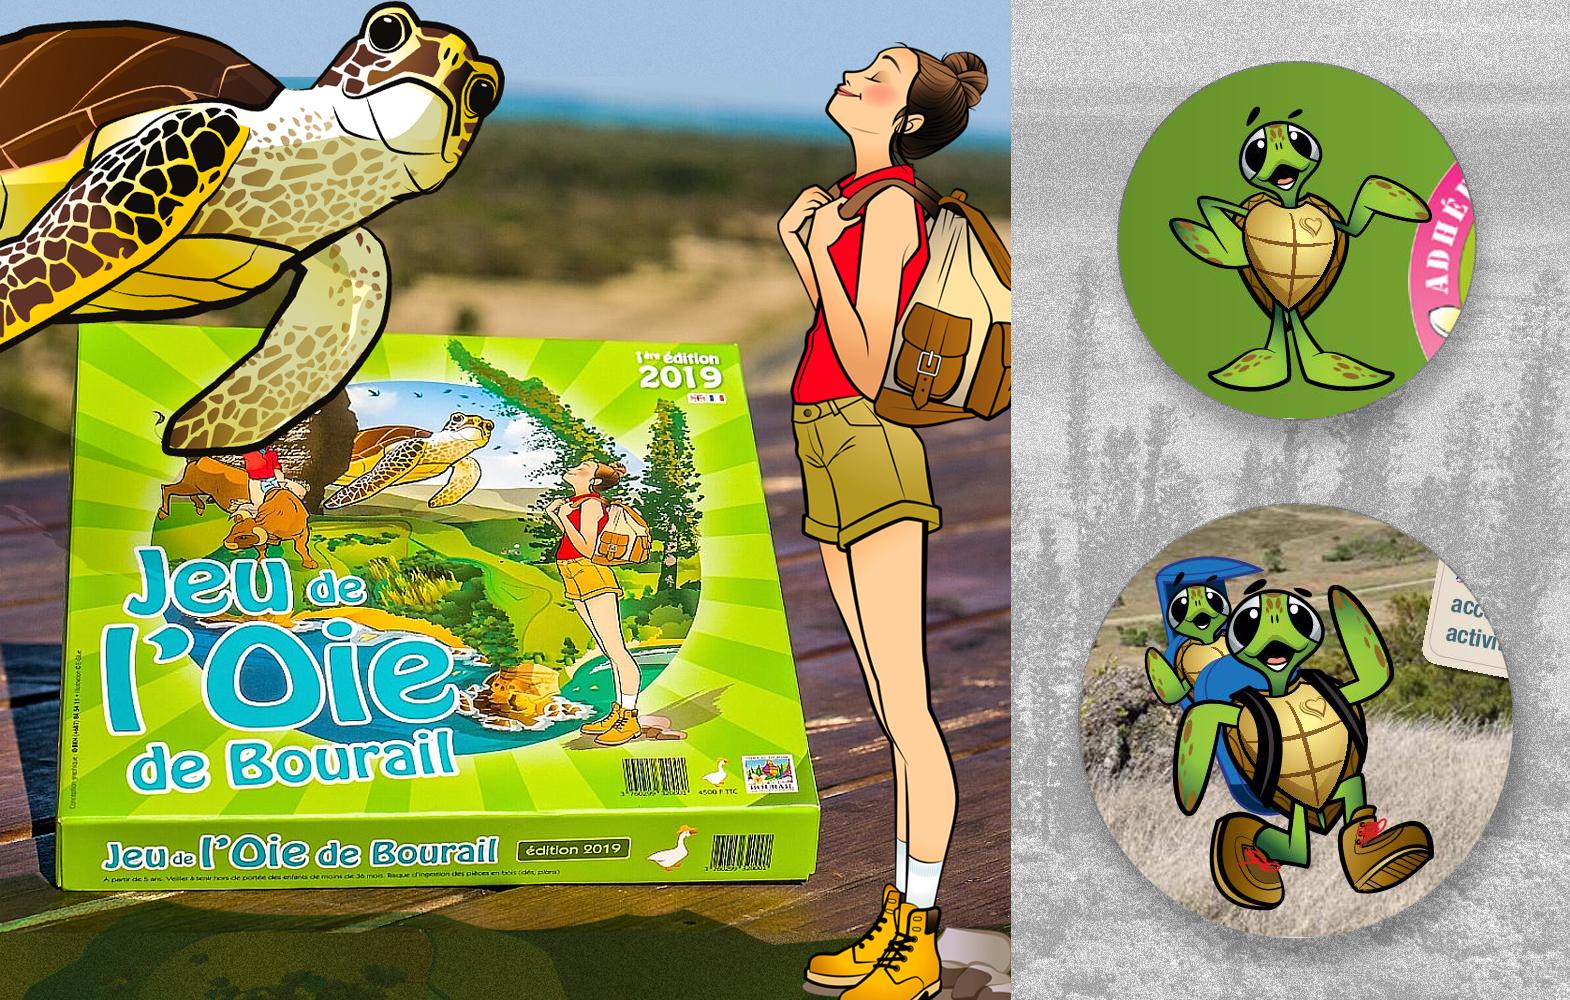 Jeu de l'Oie par E-Glue Design - Office du Tourisme de Bourail Nouvelle Calédonie